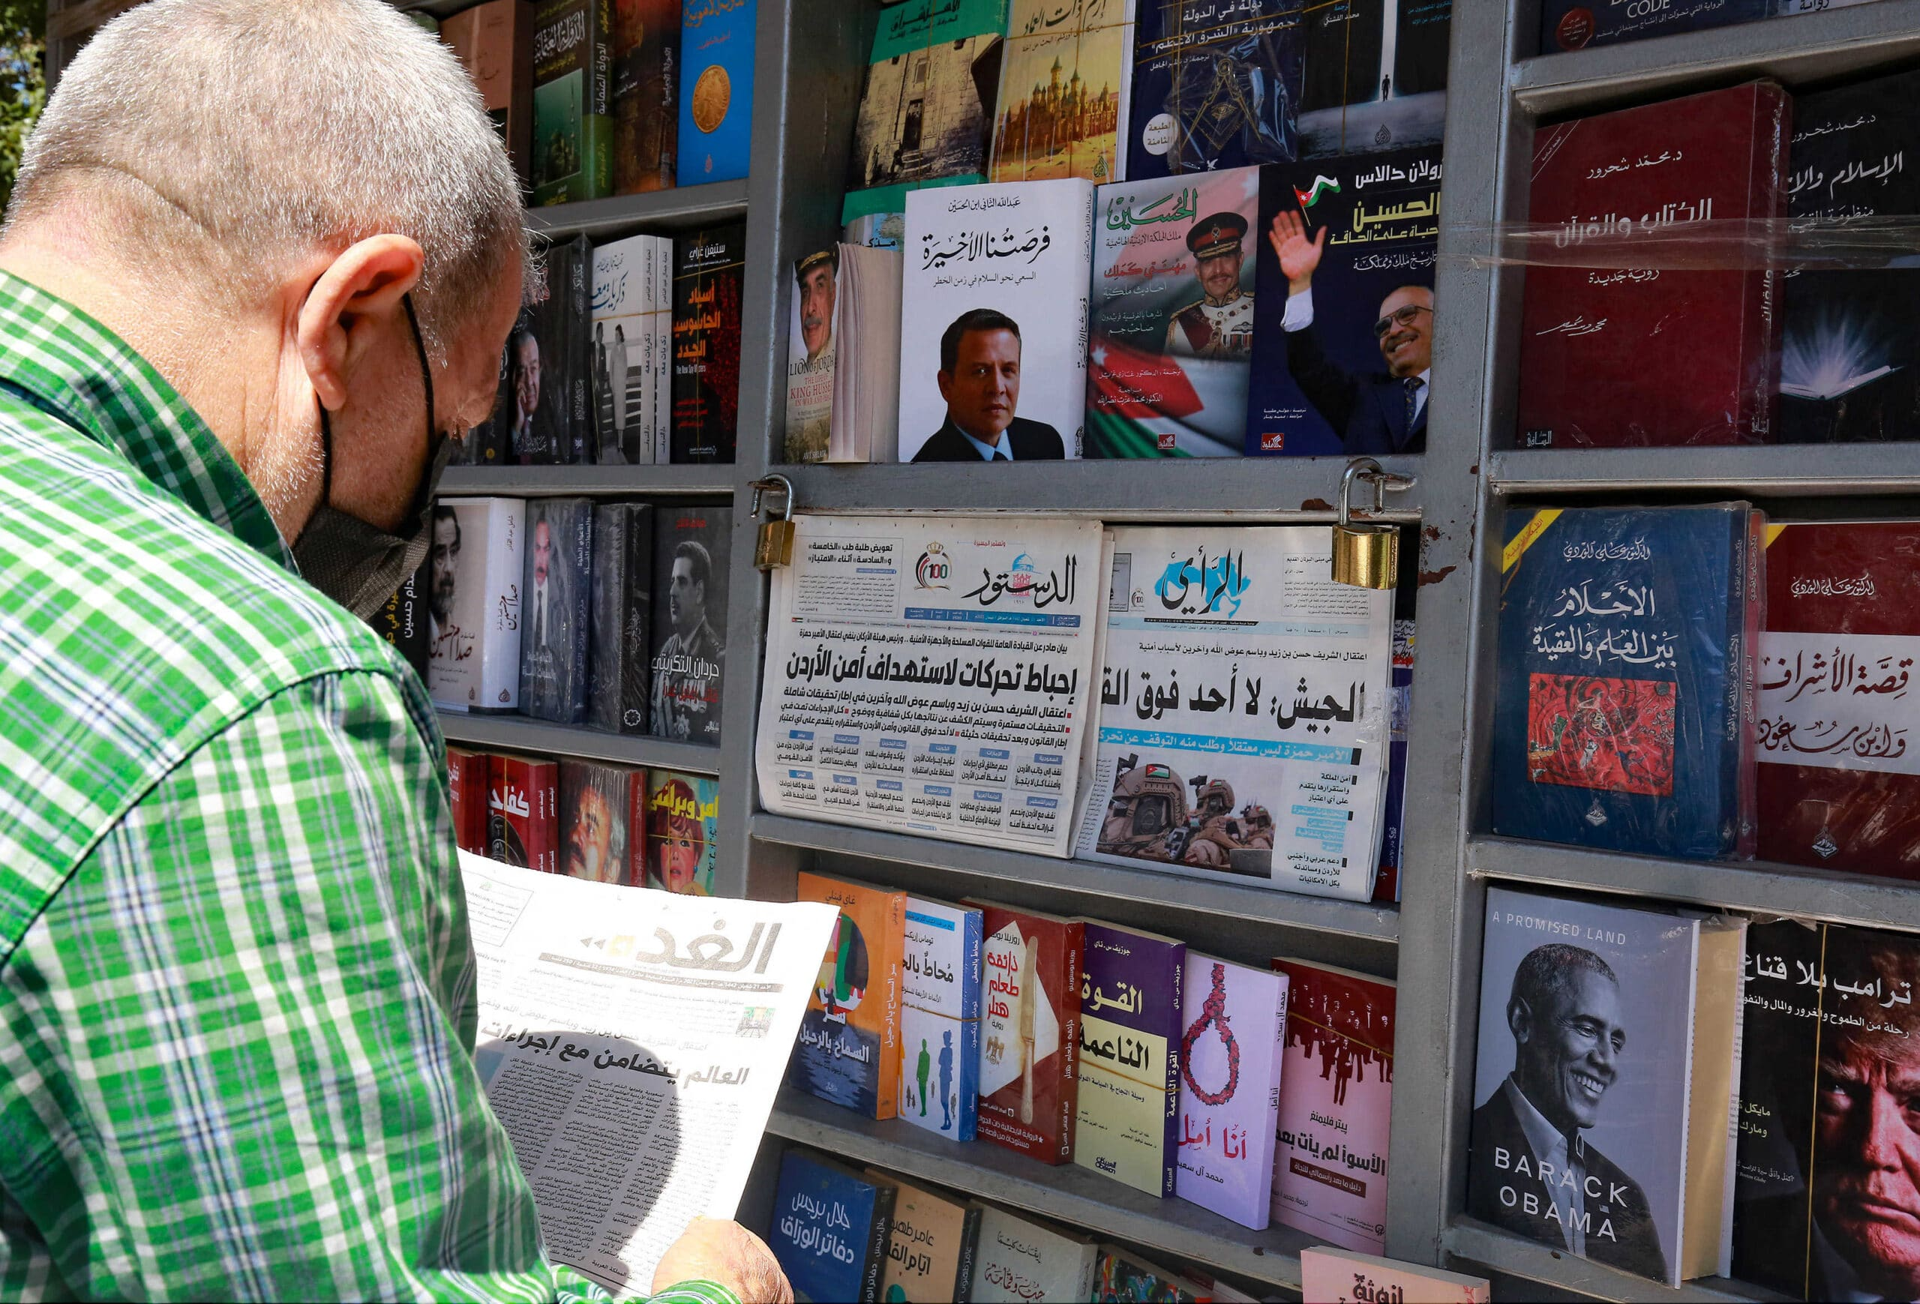 تطورات جديدة في قضية الفتنة بالأردن وباسم عوض الله يواجه القاضي